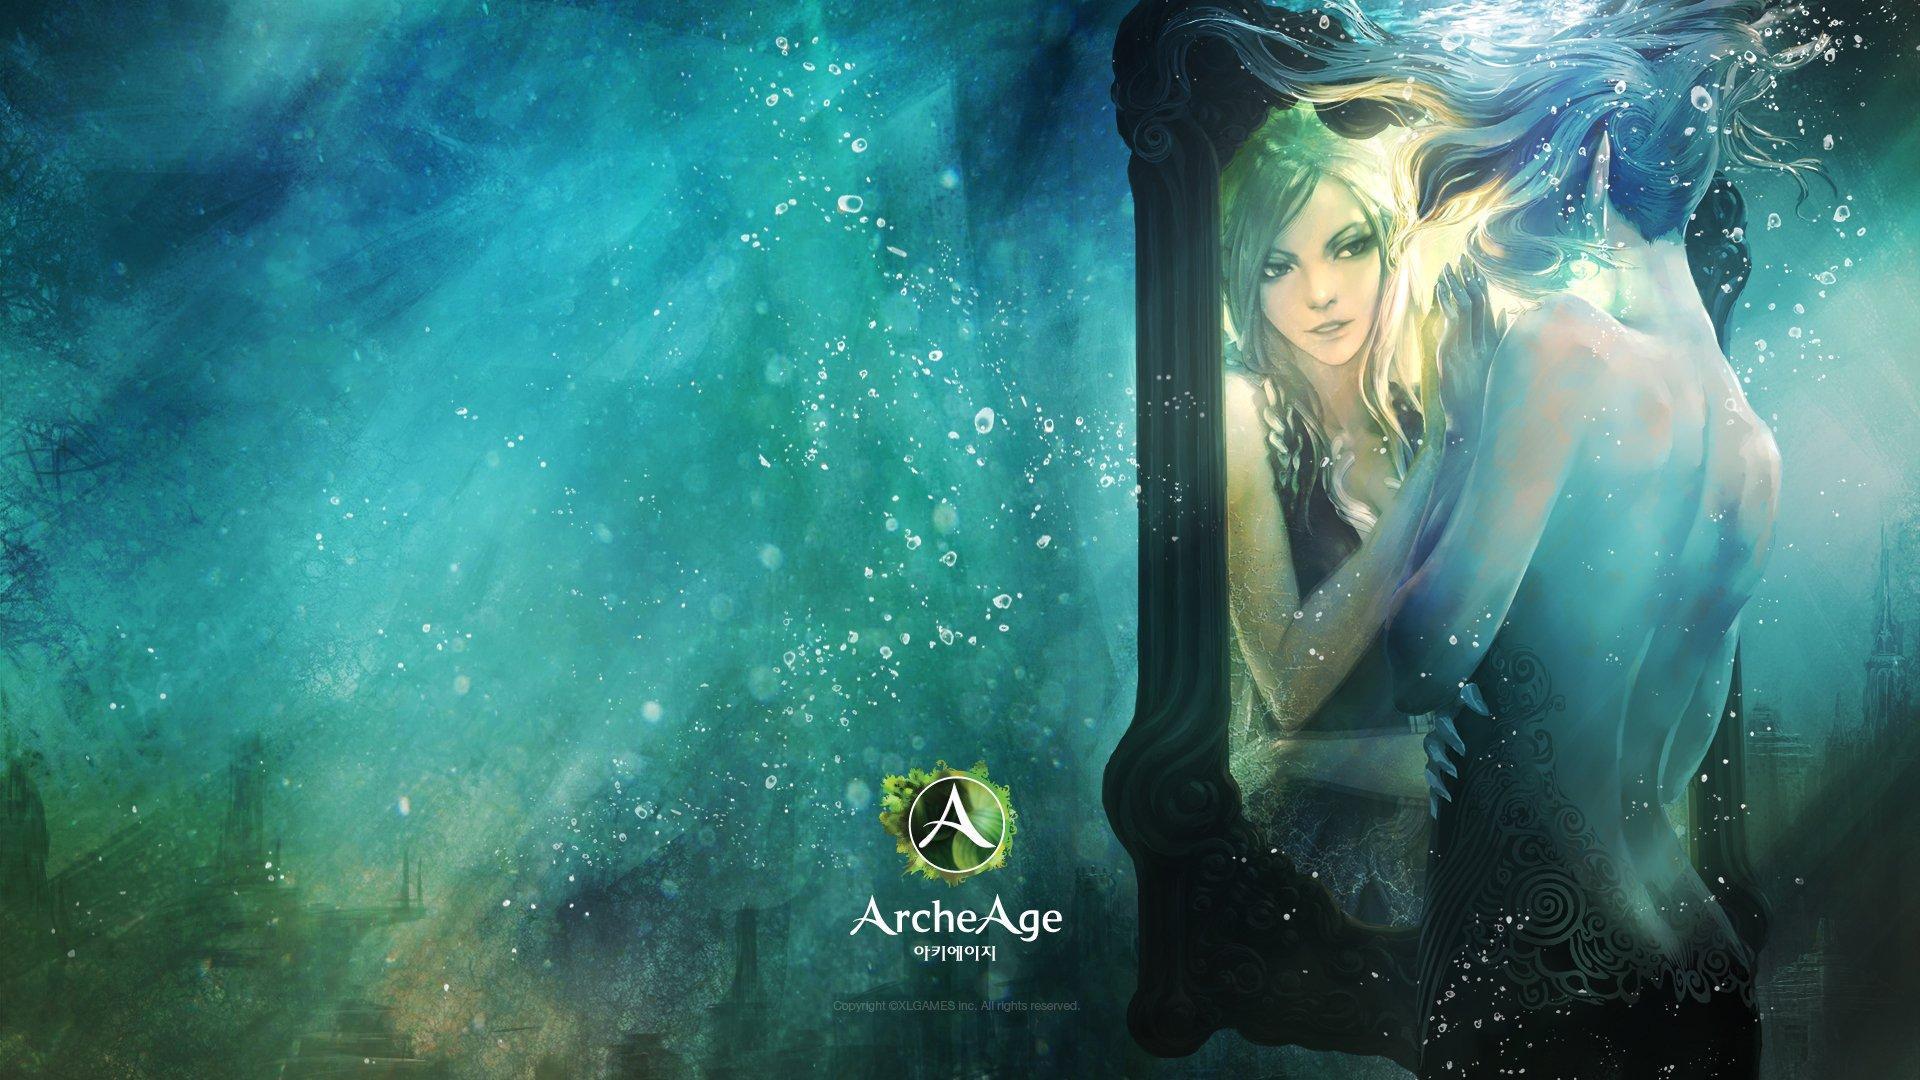 Sad Alone Girl Hd Wallpaper Download Magic Archeage Mirror Two Games Fantasy Wallpaper